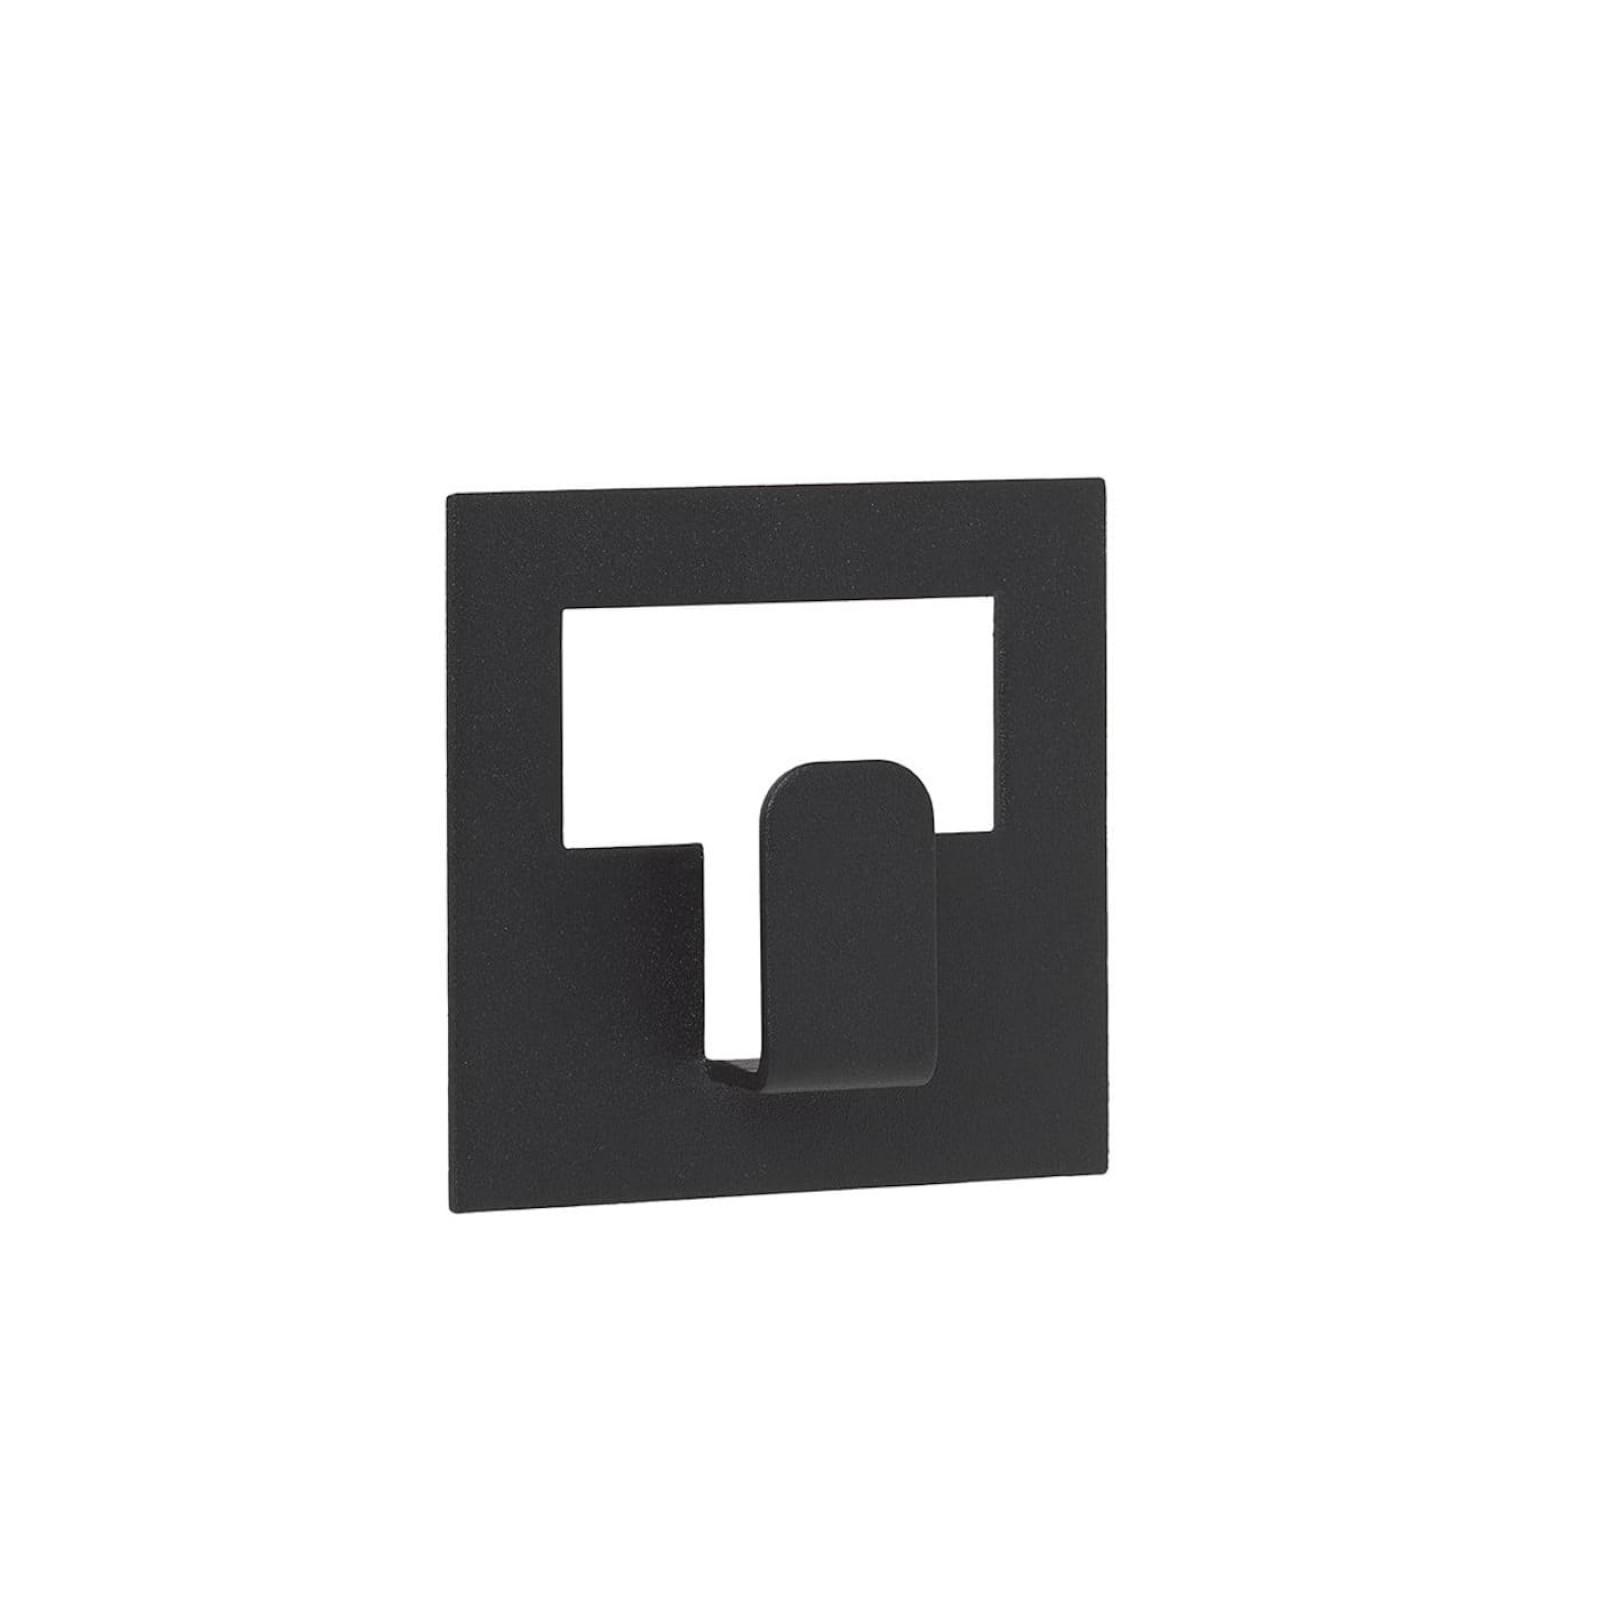 VINDO Towel Hook S (Black) - Blomus